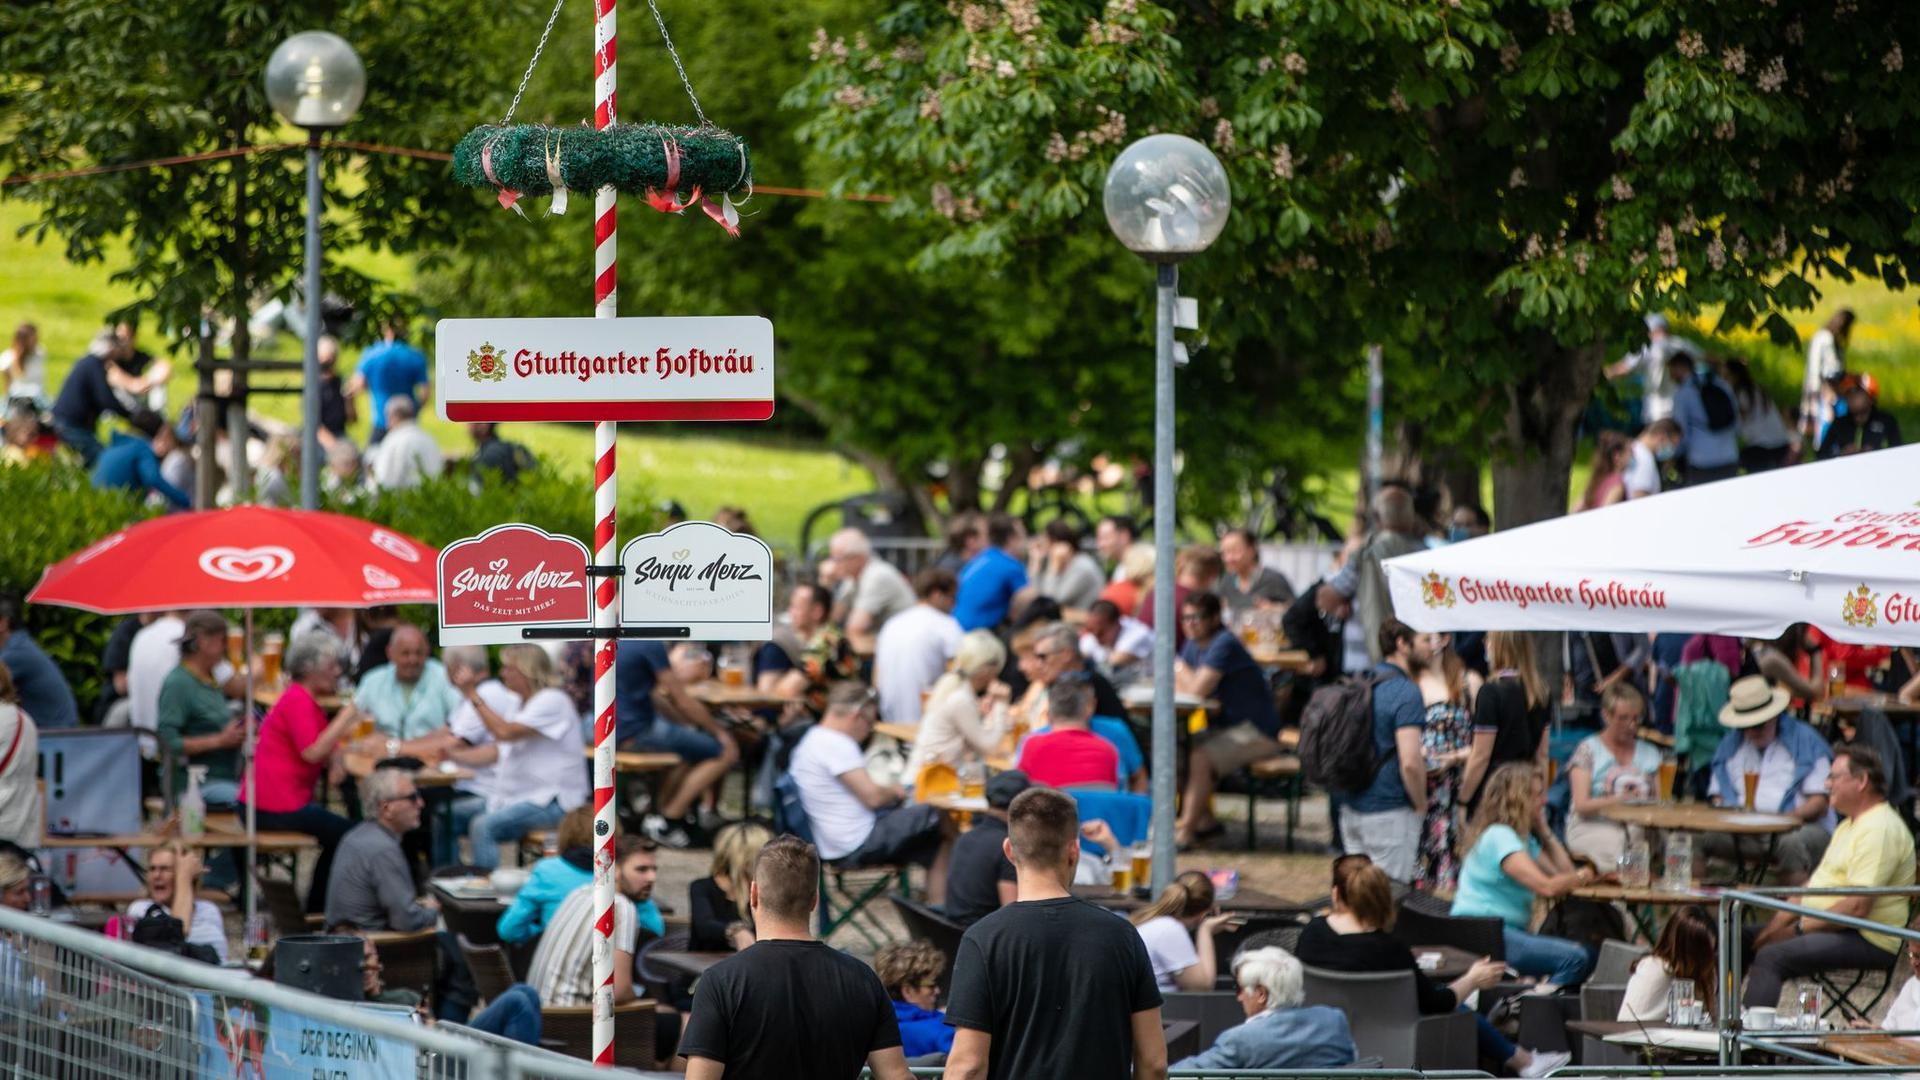 Gäste genießen in einem Biergarten im Schlossgarten das schöne Wetter.